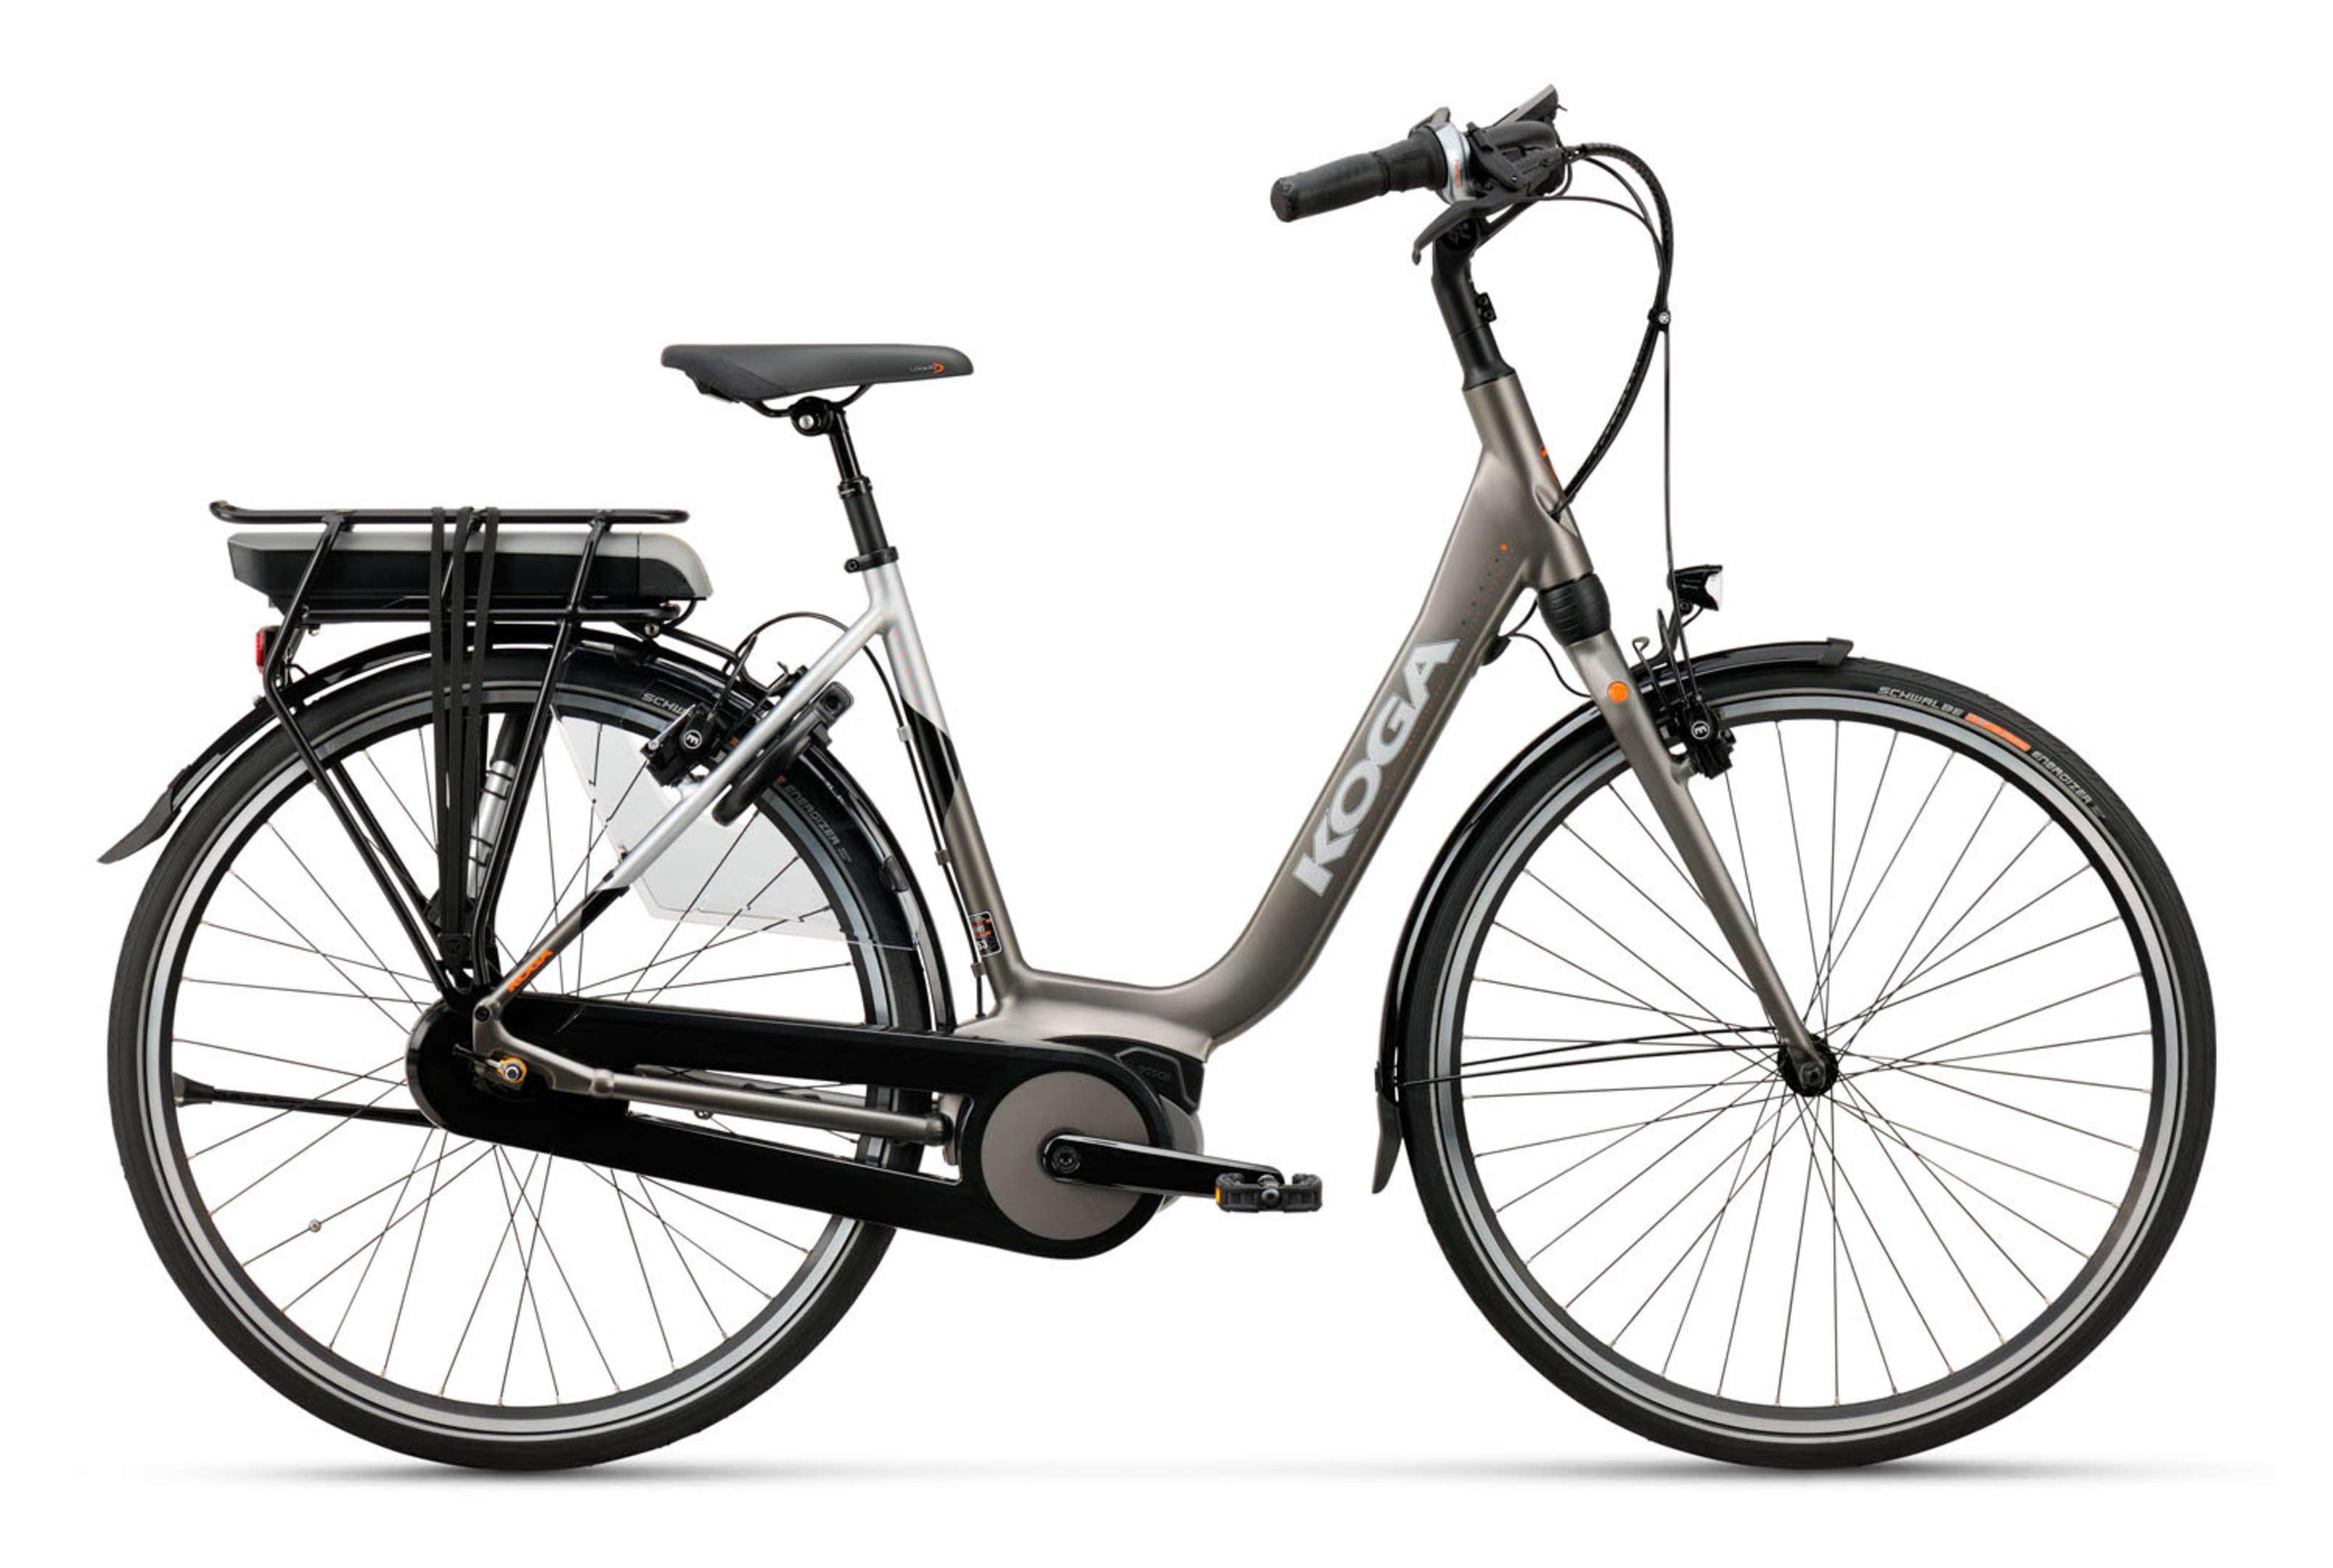 Koga E-Bike E-Nova|KOGA E-Bike E-Nova